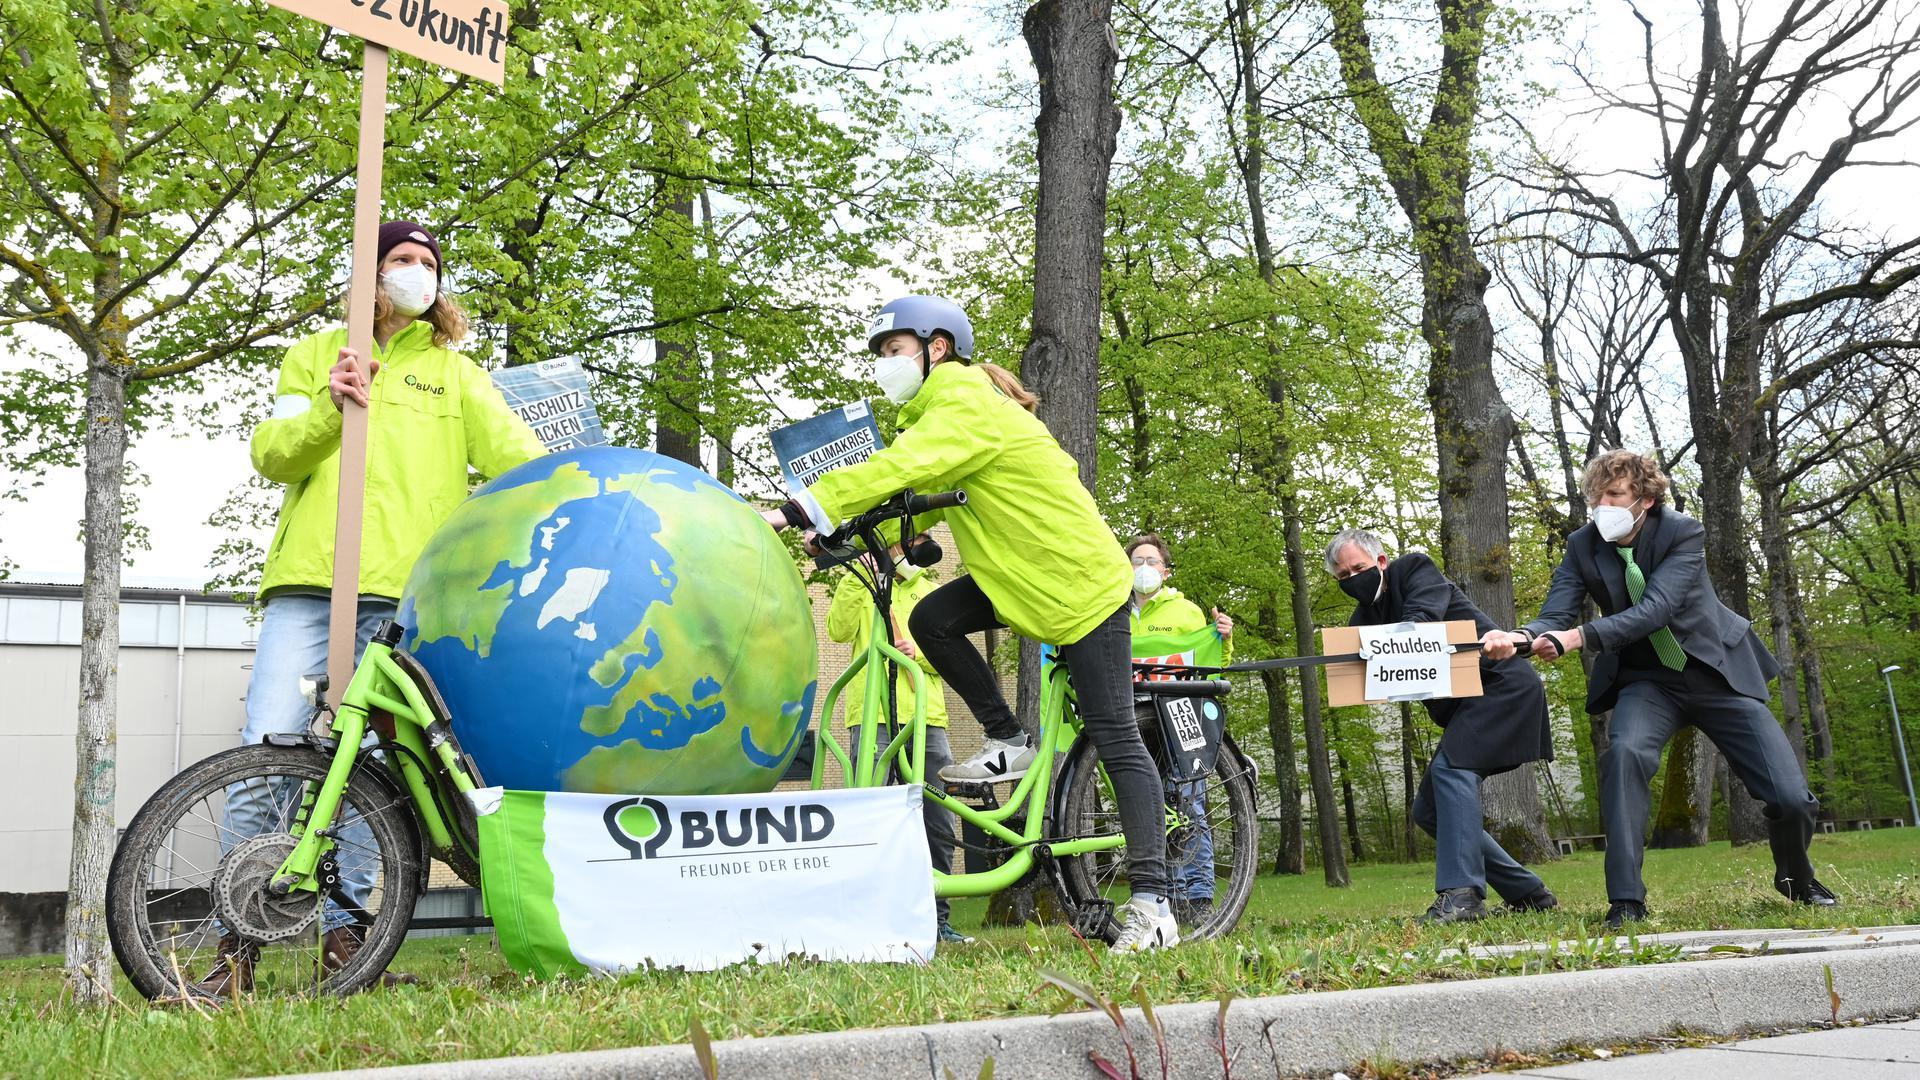 Für eine gesunde Umwelt: Mitglieder der Umweltschutzorganisation Bund demonstrieren vor der Vorstellung des Koalitionsvertrags der grün-schwarzen Landesregierung. Der Klimaschutz spielt darin auch eine große Rolle.